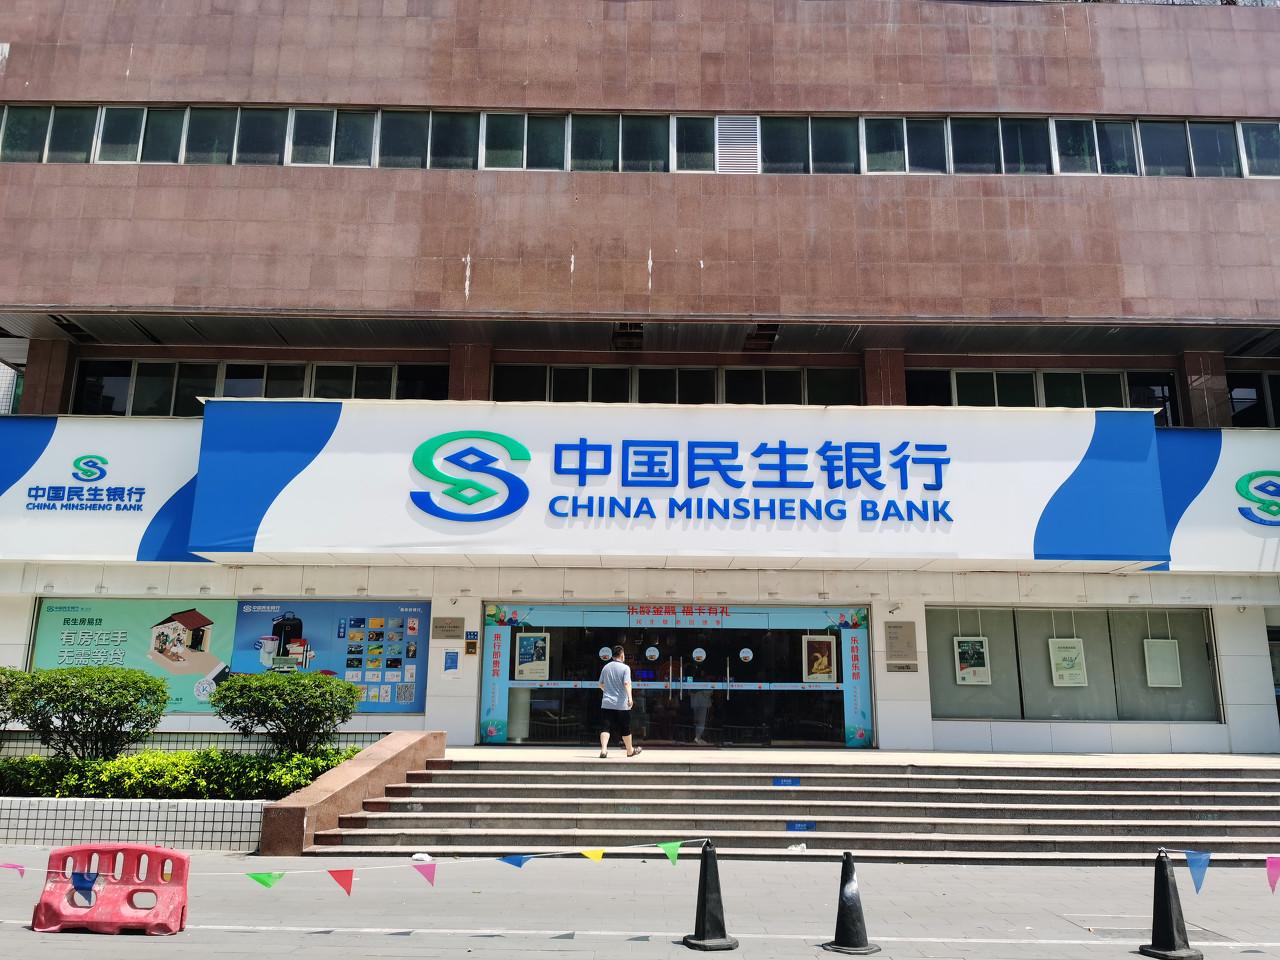 中国民生银行亮相第九届中小企业投融资交易会暨金融交易博览会